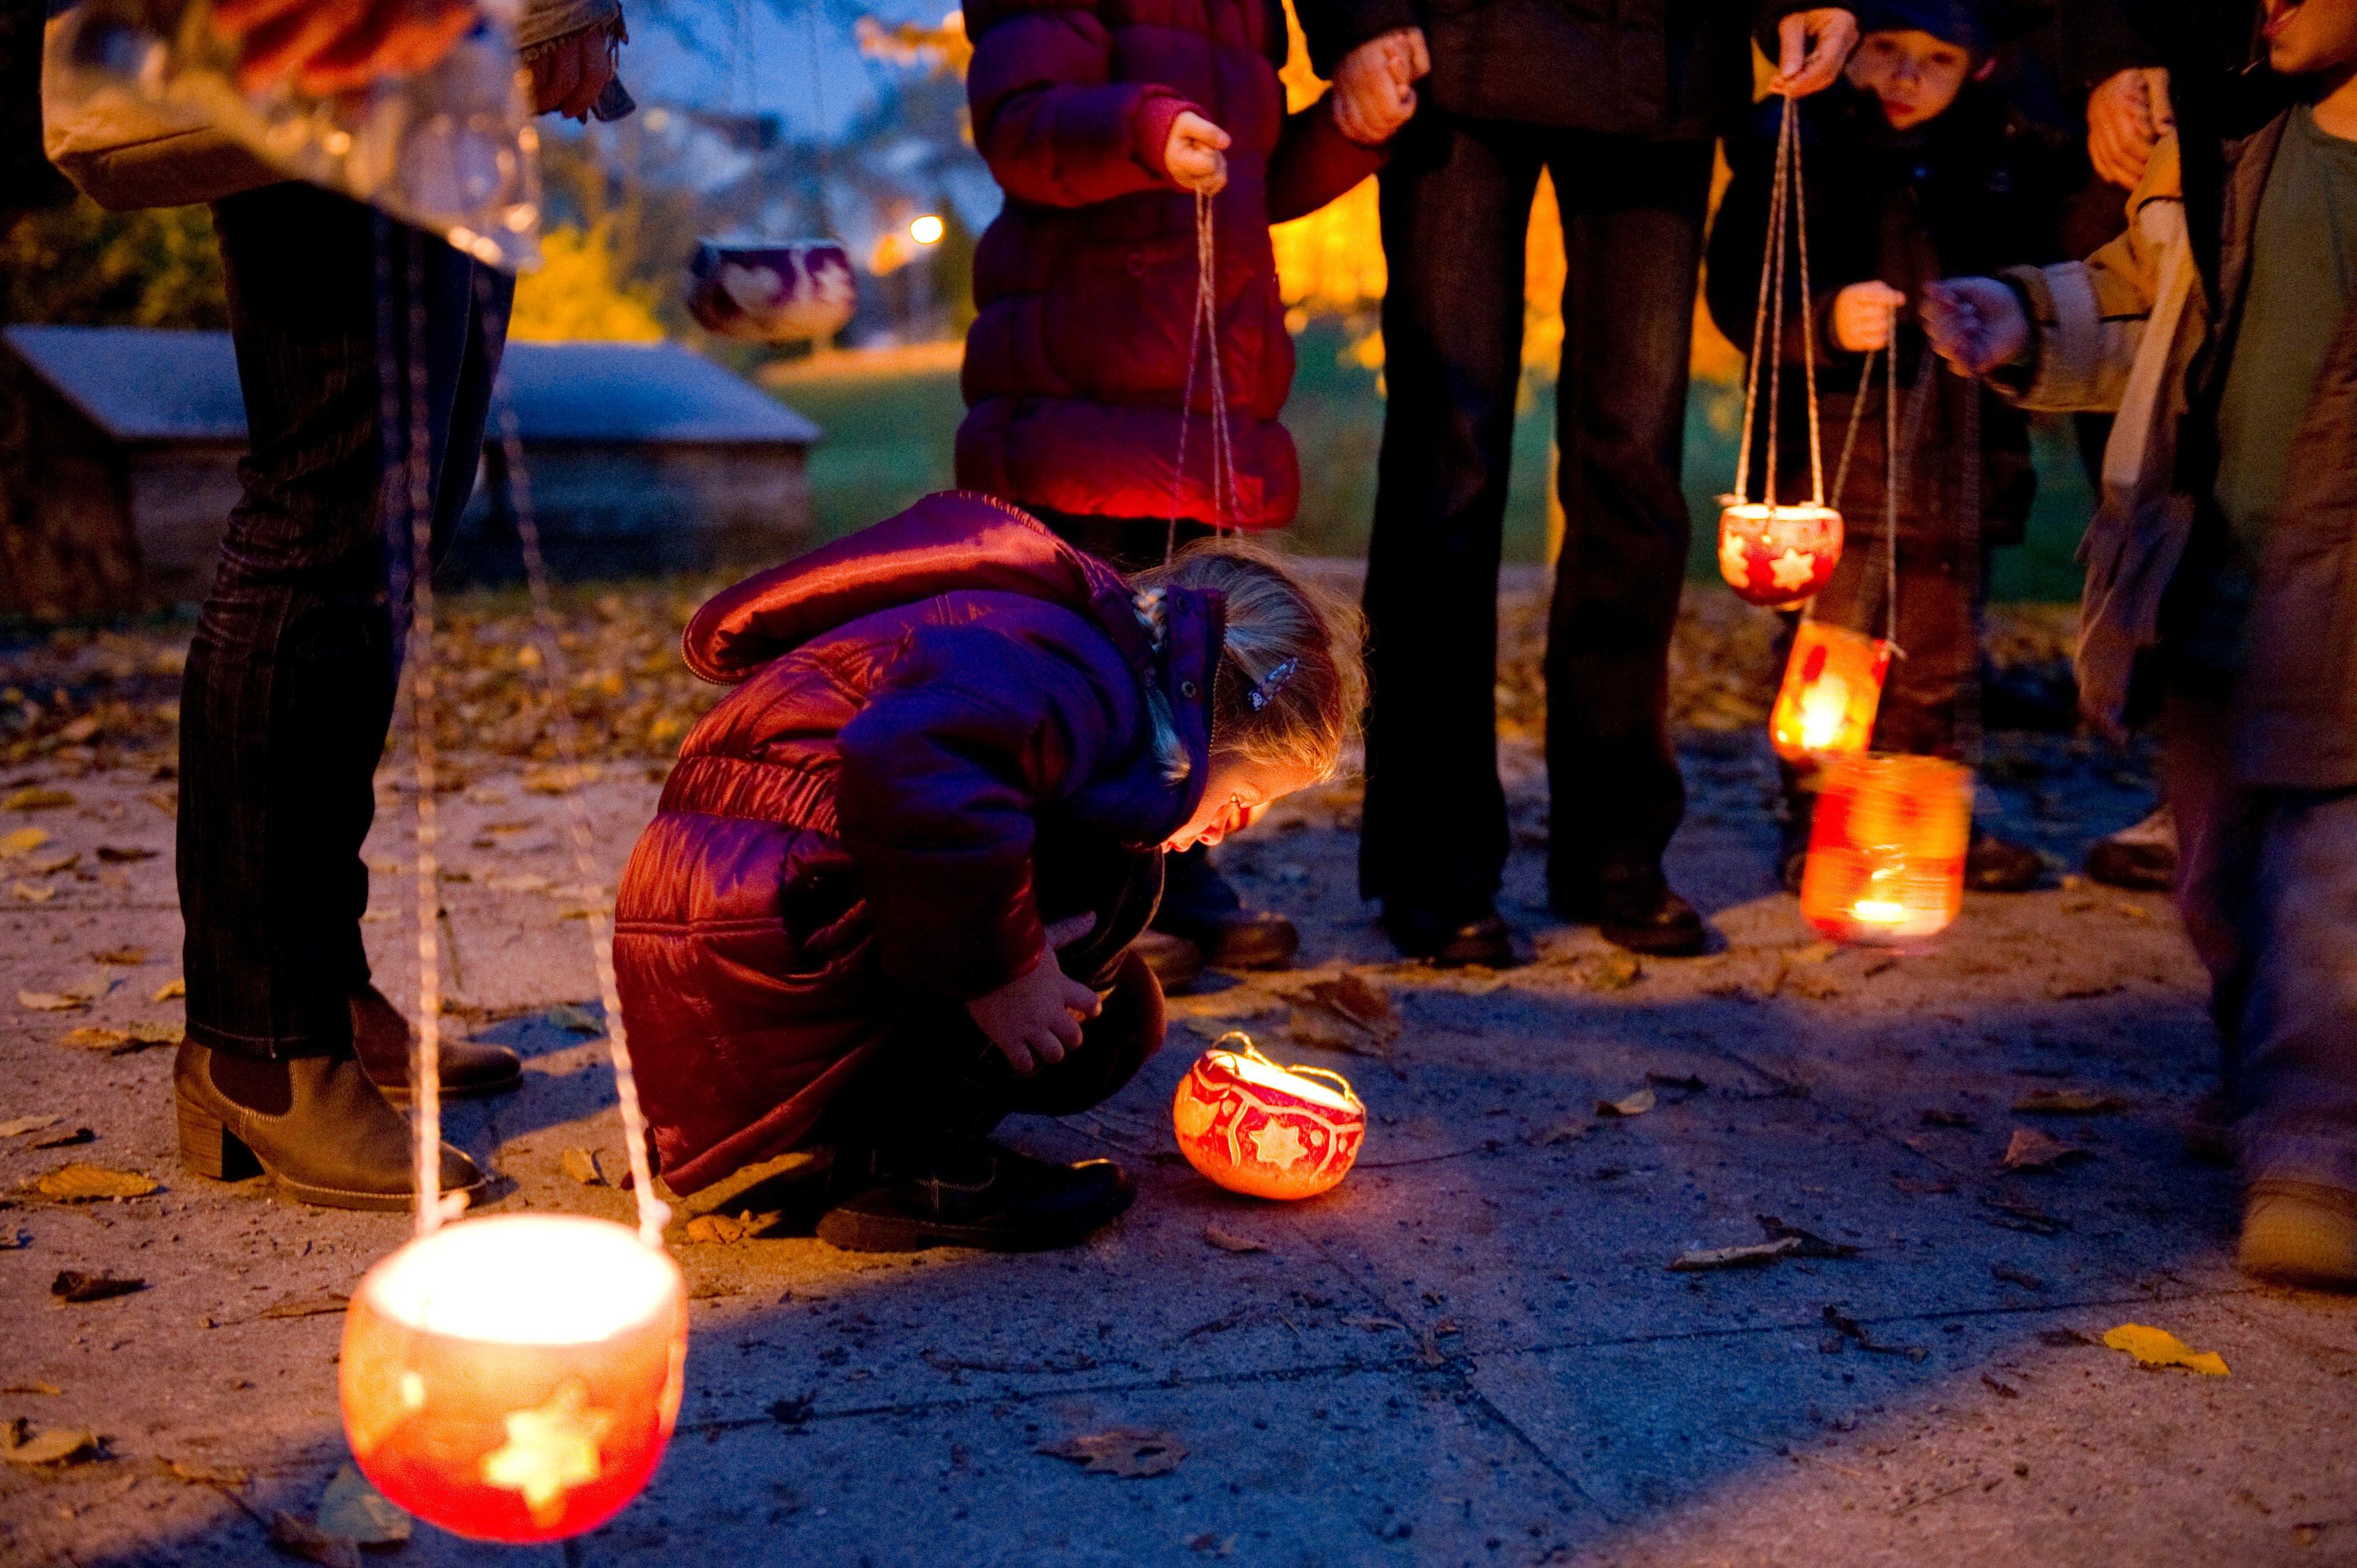 Auch Räbeliechtli-Umzüge erlebten in der Schweiz im Zuge der Ausbreitung von Halloween einen neuen Aufschwung. (Bild: Urs Bucher)